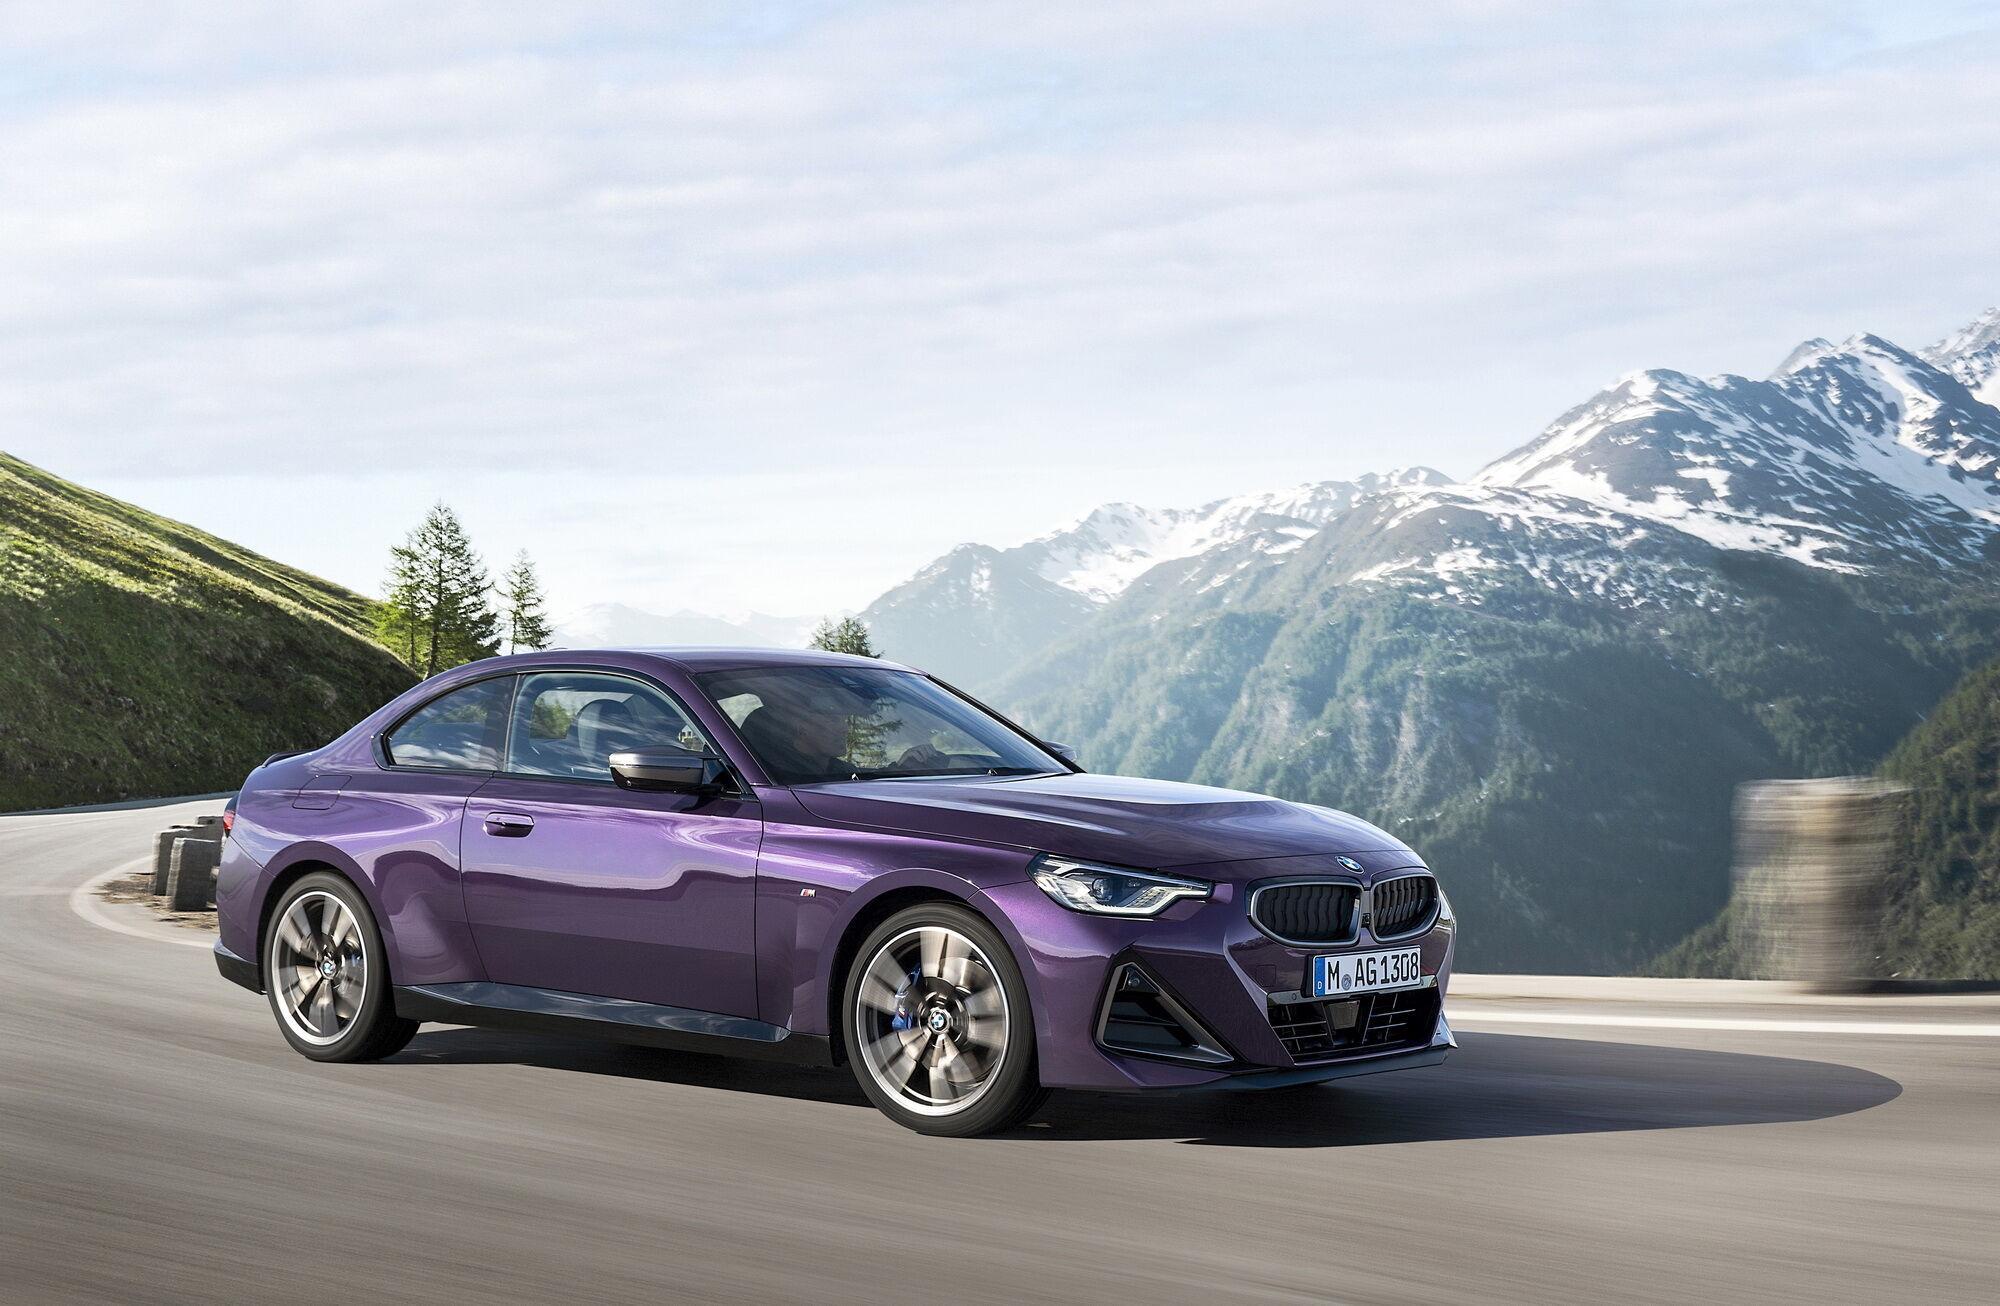 """Топова версія BMW M240i xDrive Coupe оснащена рядної """"шісткою"""" об'ємом 3 літри"""